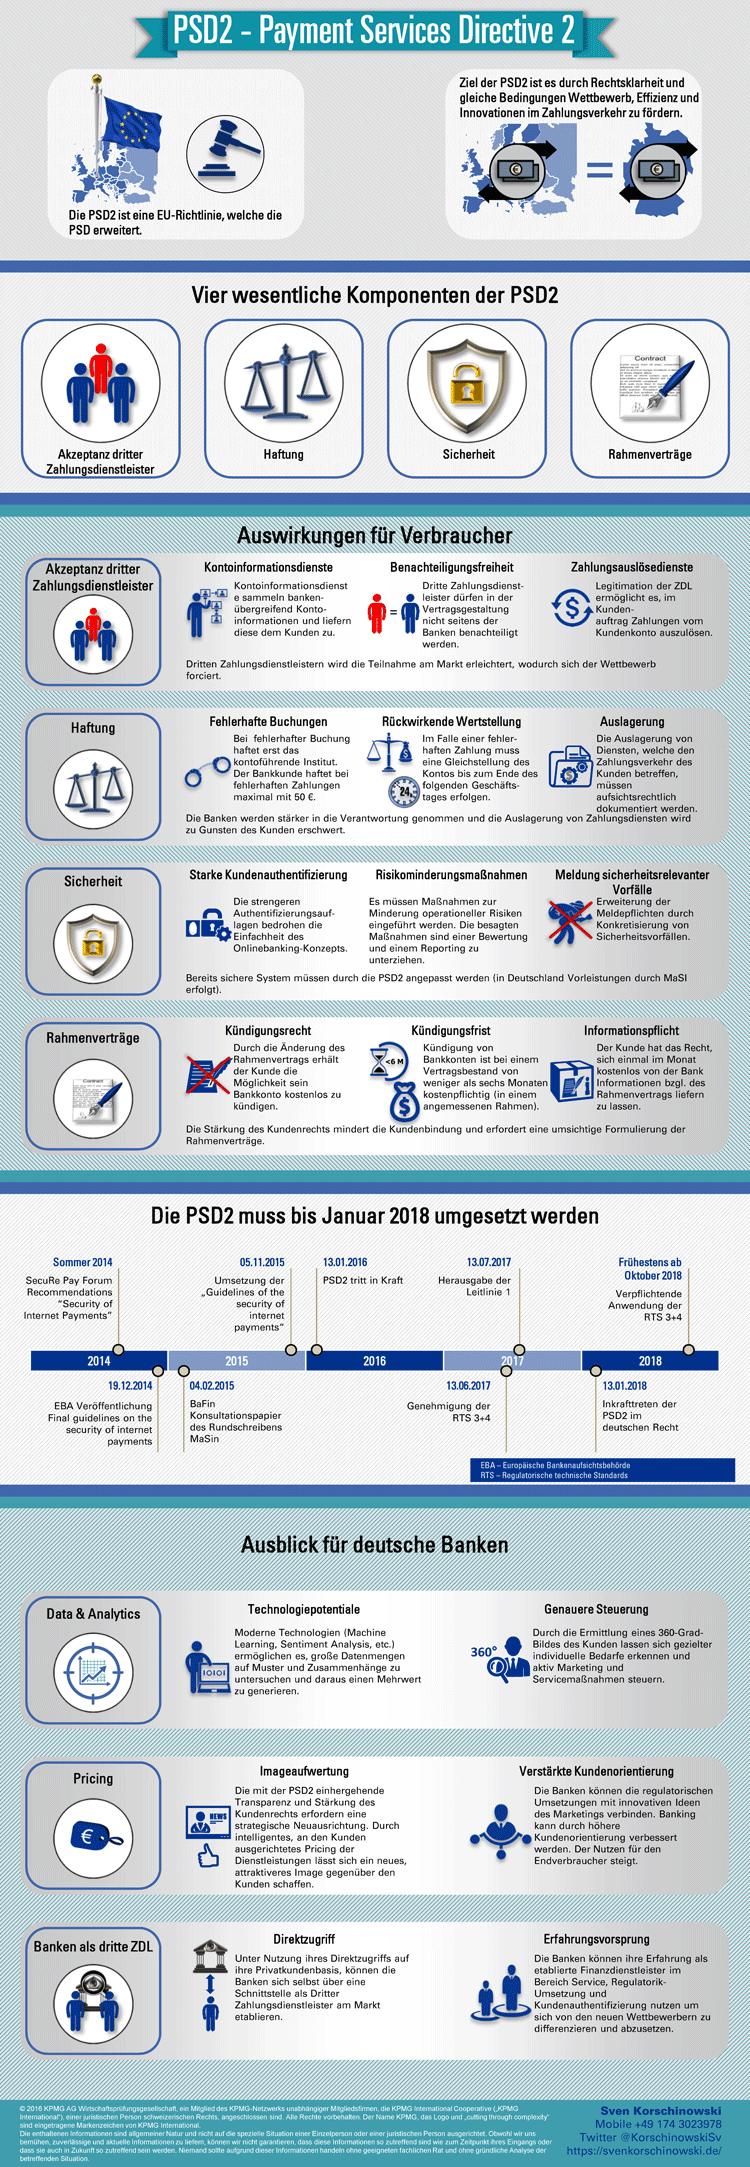 Infografik PSD2 ist eine Herausforderung für Banken